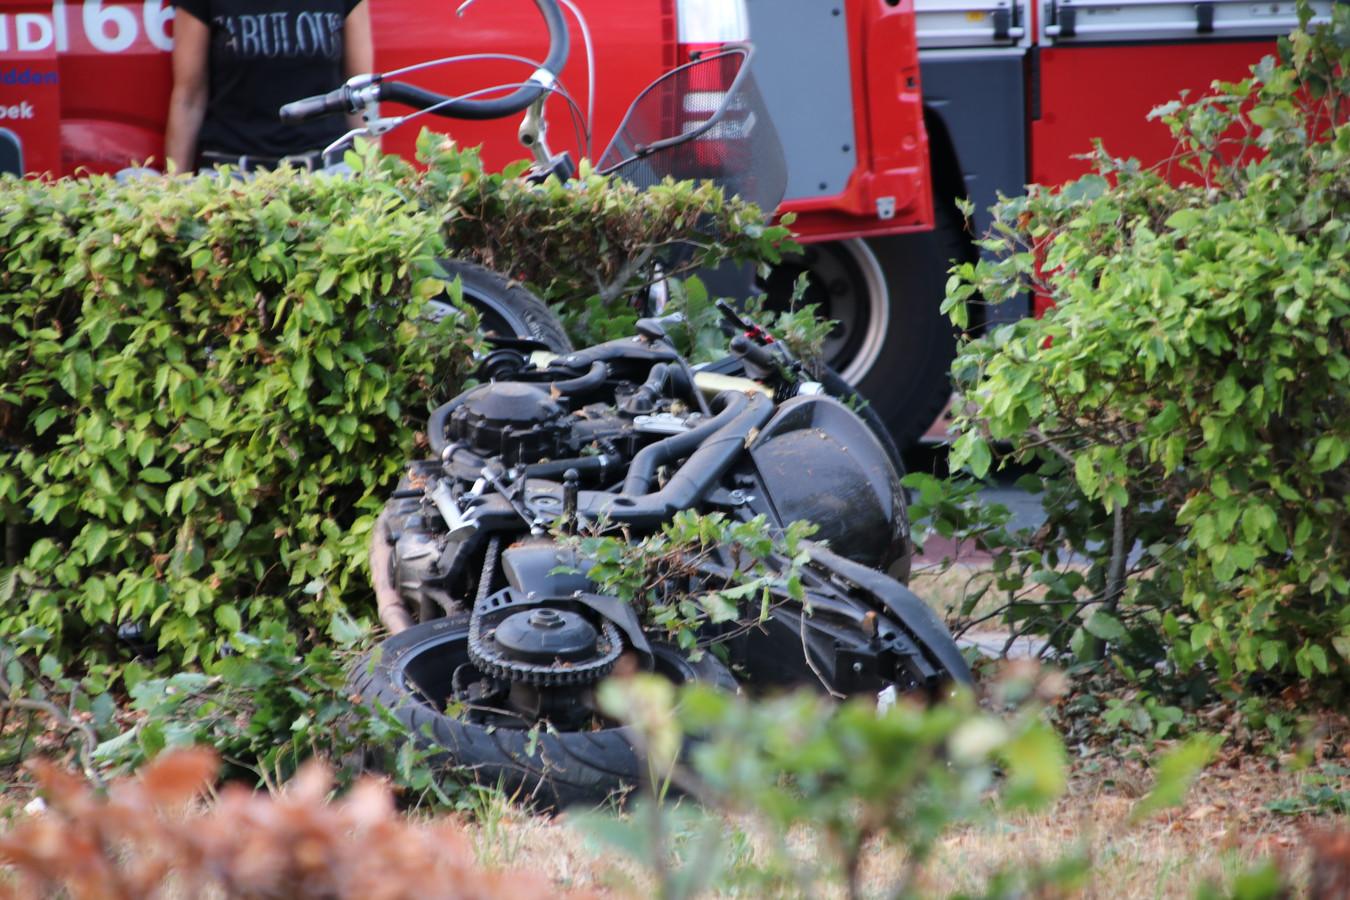 Het ongeluk vond plaats op De Spil in Kootwijkerbroek.